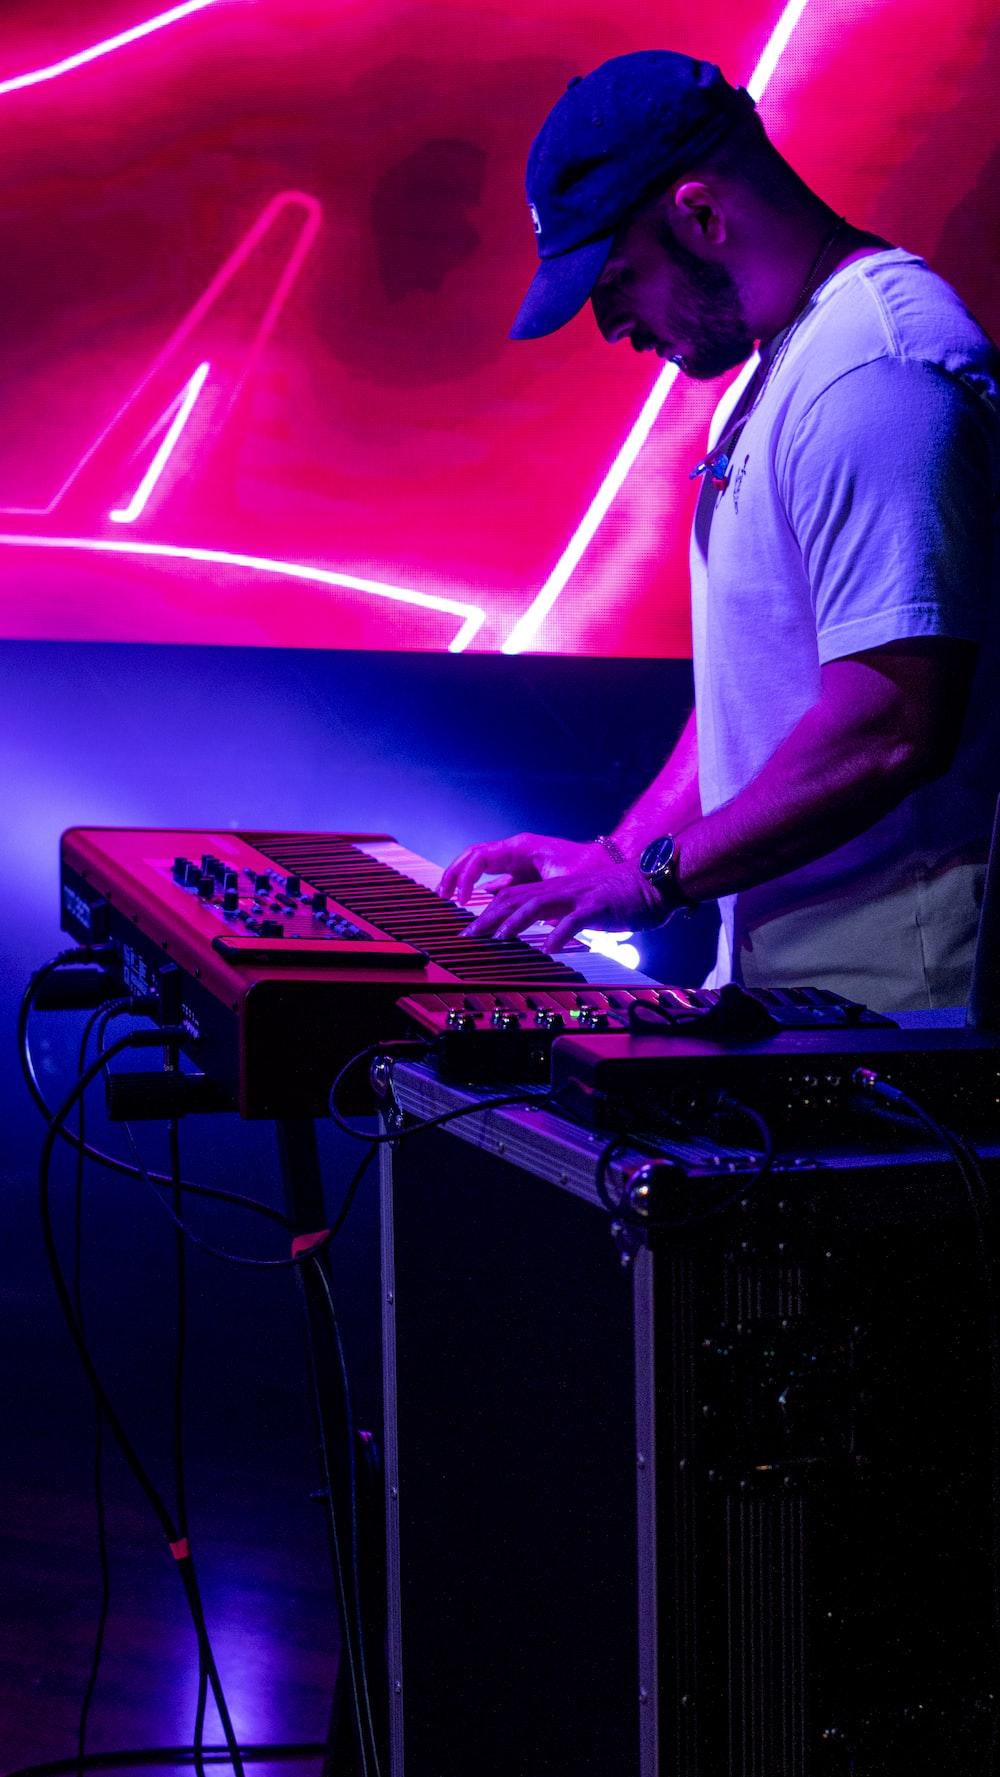 man in white t-shirt playing dj mixer